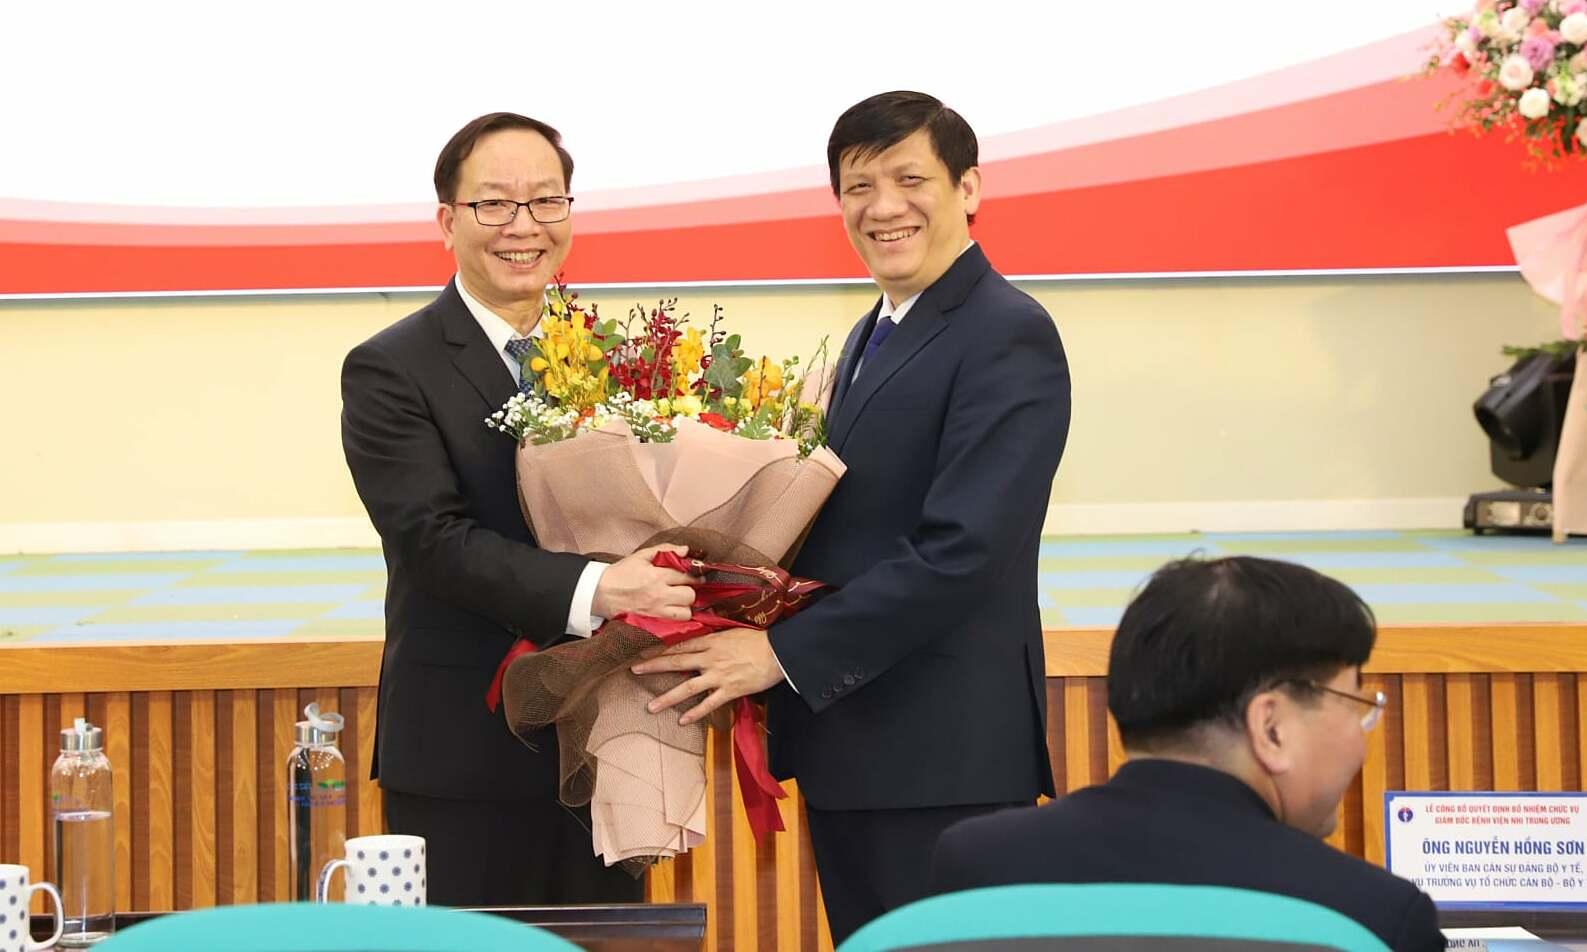 Bộ trưởng Long trao quyết định giám đốc cho phó giáo sư Trần Minh Điển. Ảnh: Khánh Chi.